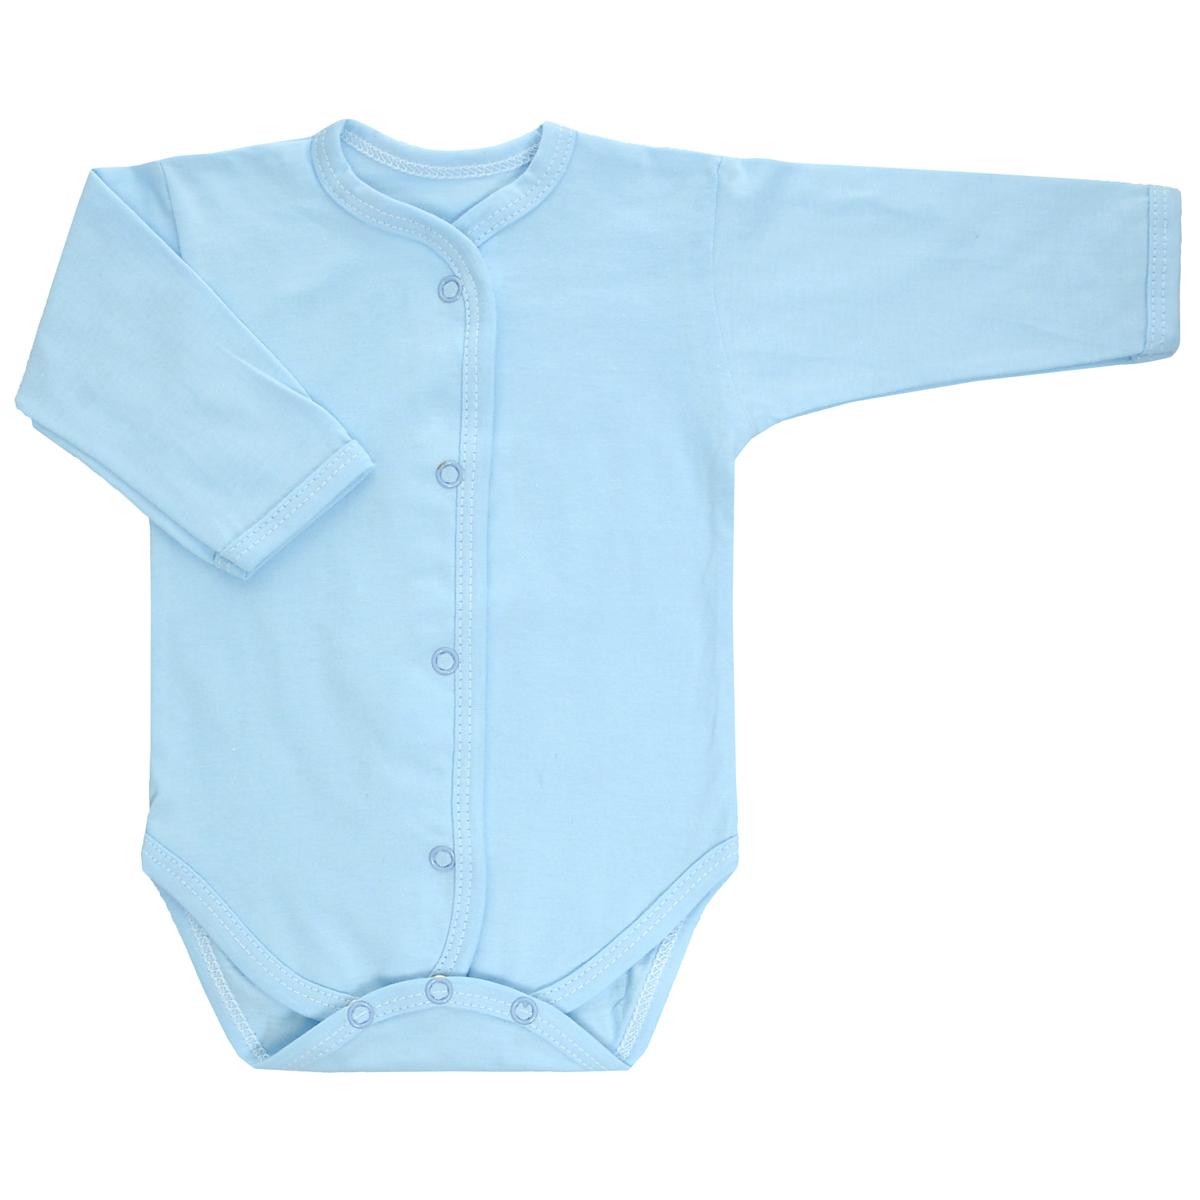 Боди детское. 58665866Детское боди Трон-плюс с длинными рукавами послужит идеальным дополнением к гардеробу ребенка, обеспечивая ему наибольший комфорт. Изготовленное из кулирного полотна - натурального хлопка, оно необычайно мягкое и легкое, не раздражает нежную кожу ребенка и хорошо вентилируется, а эластичные швы приятны телу младенца и не препятствуют его движениям. Боди с длинными рукавами имеет удобные застежки-кнопки по всей длине и на ластовице, которые помогают легко переодеть ребенка или сменить подгузник. Боди полностью соответствует особенностям жизни малыша в ранний период, не стесняя и не ограничивая его в движениях!